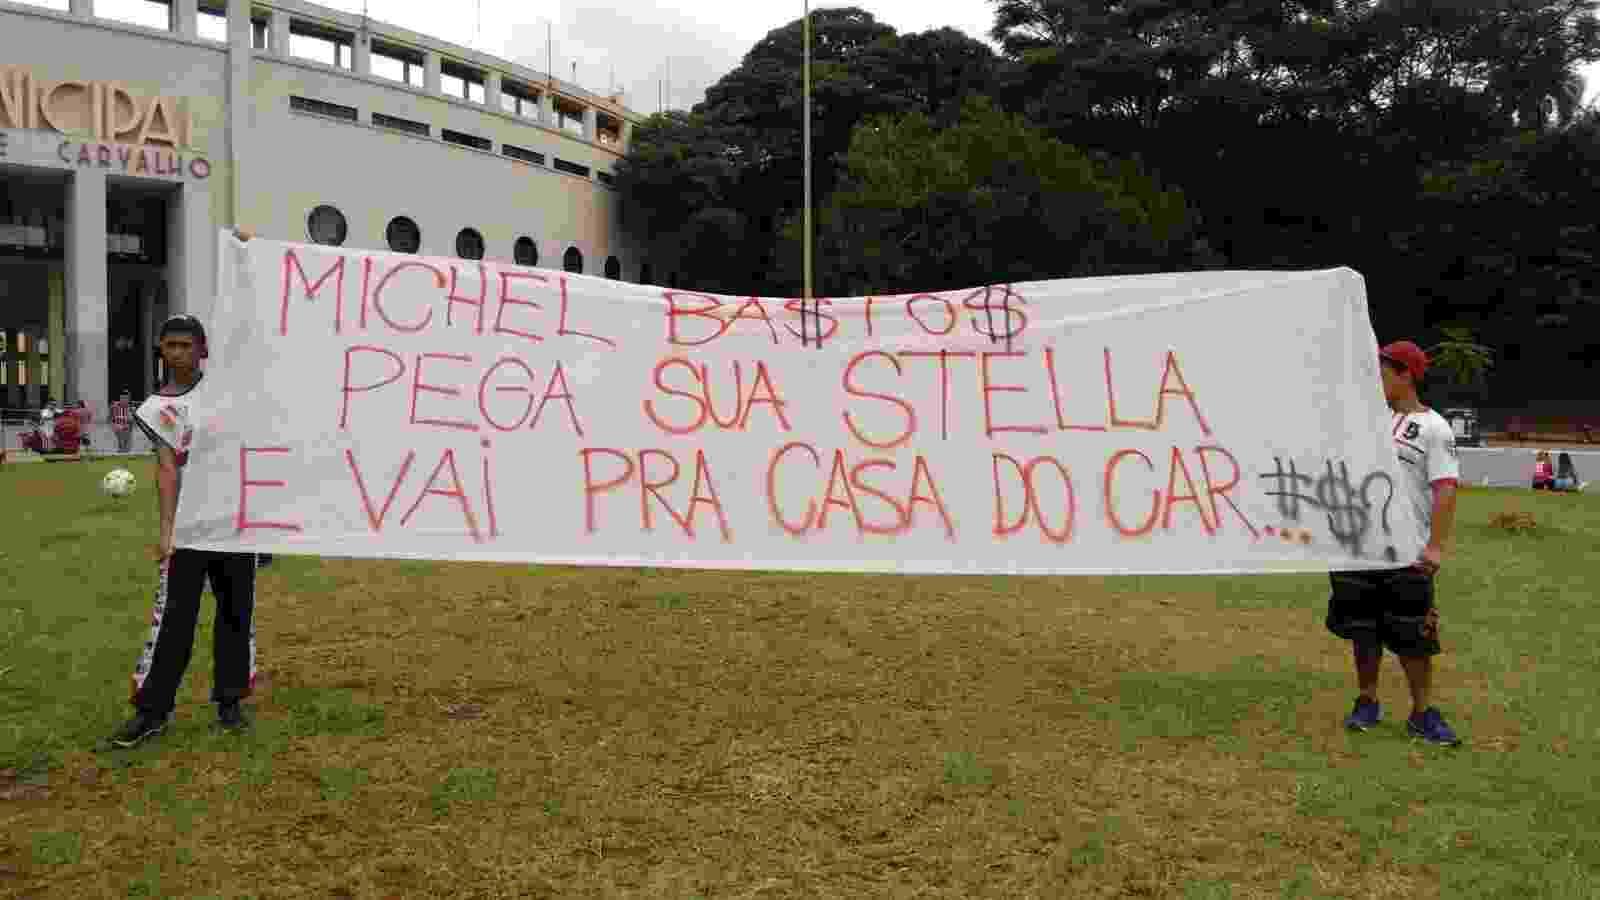 Torcedores do São Paulo protestam contra jogadores e direção do clube antes de partida pelo Campeonato Paulista no Pacaembu - Vanderlei Lima/UOL